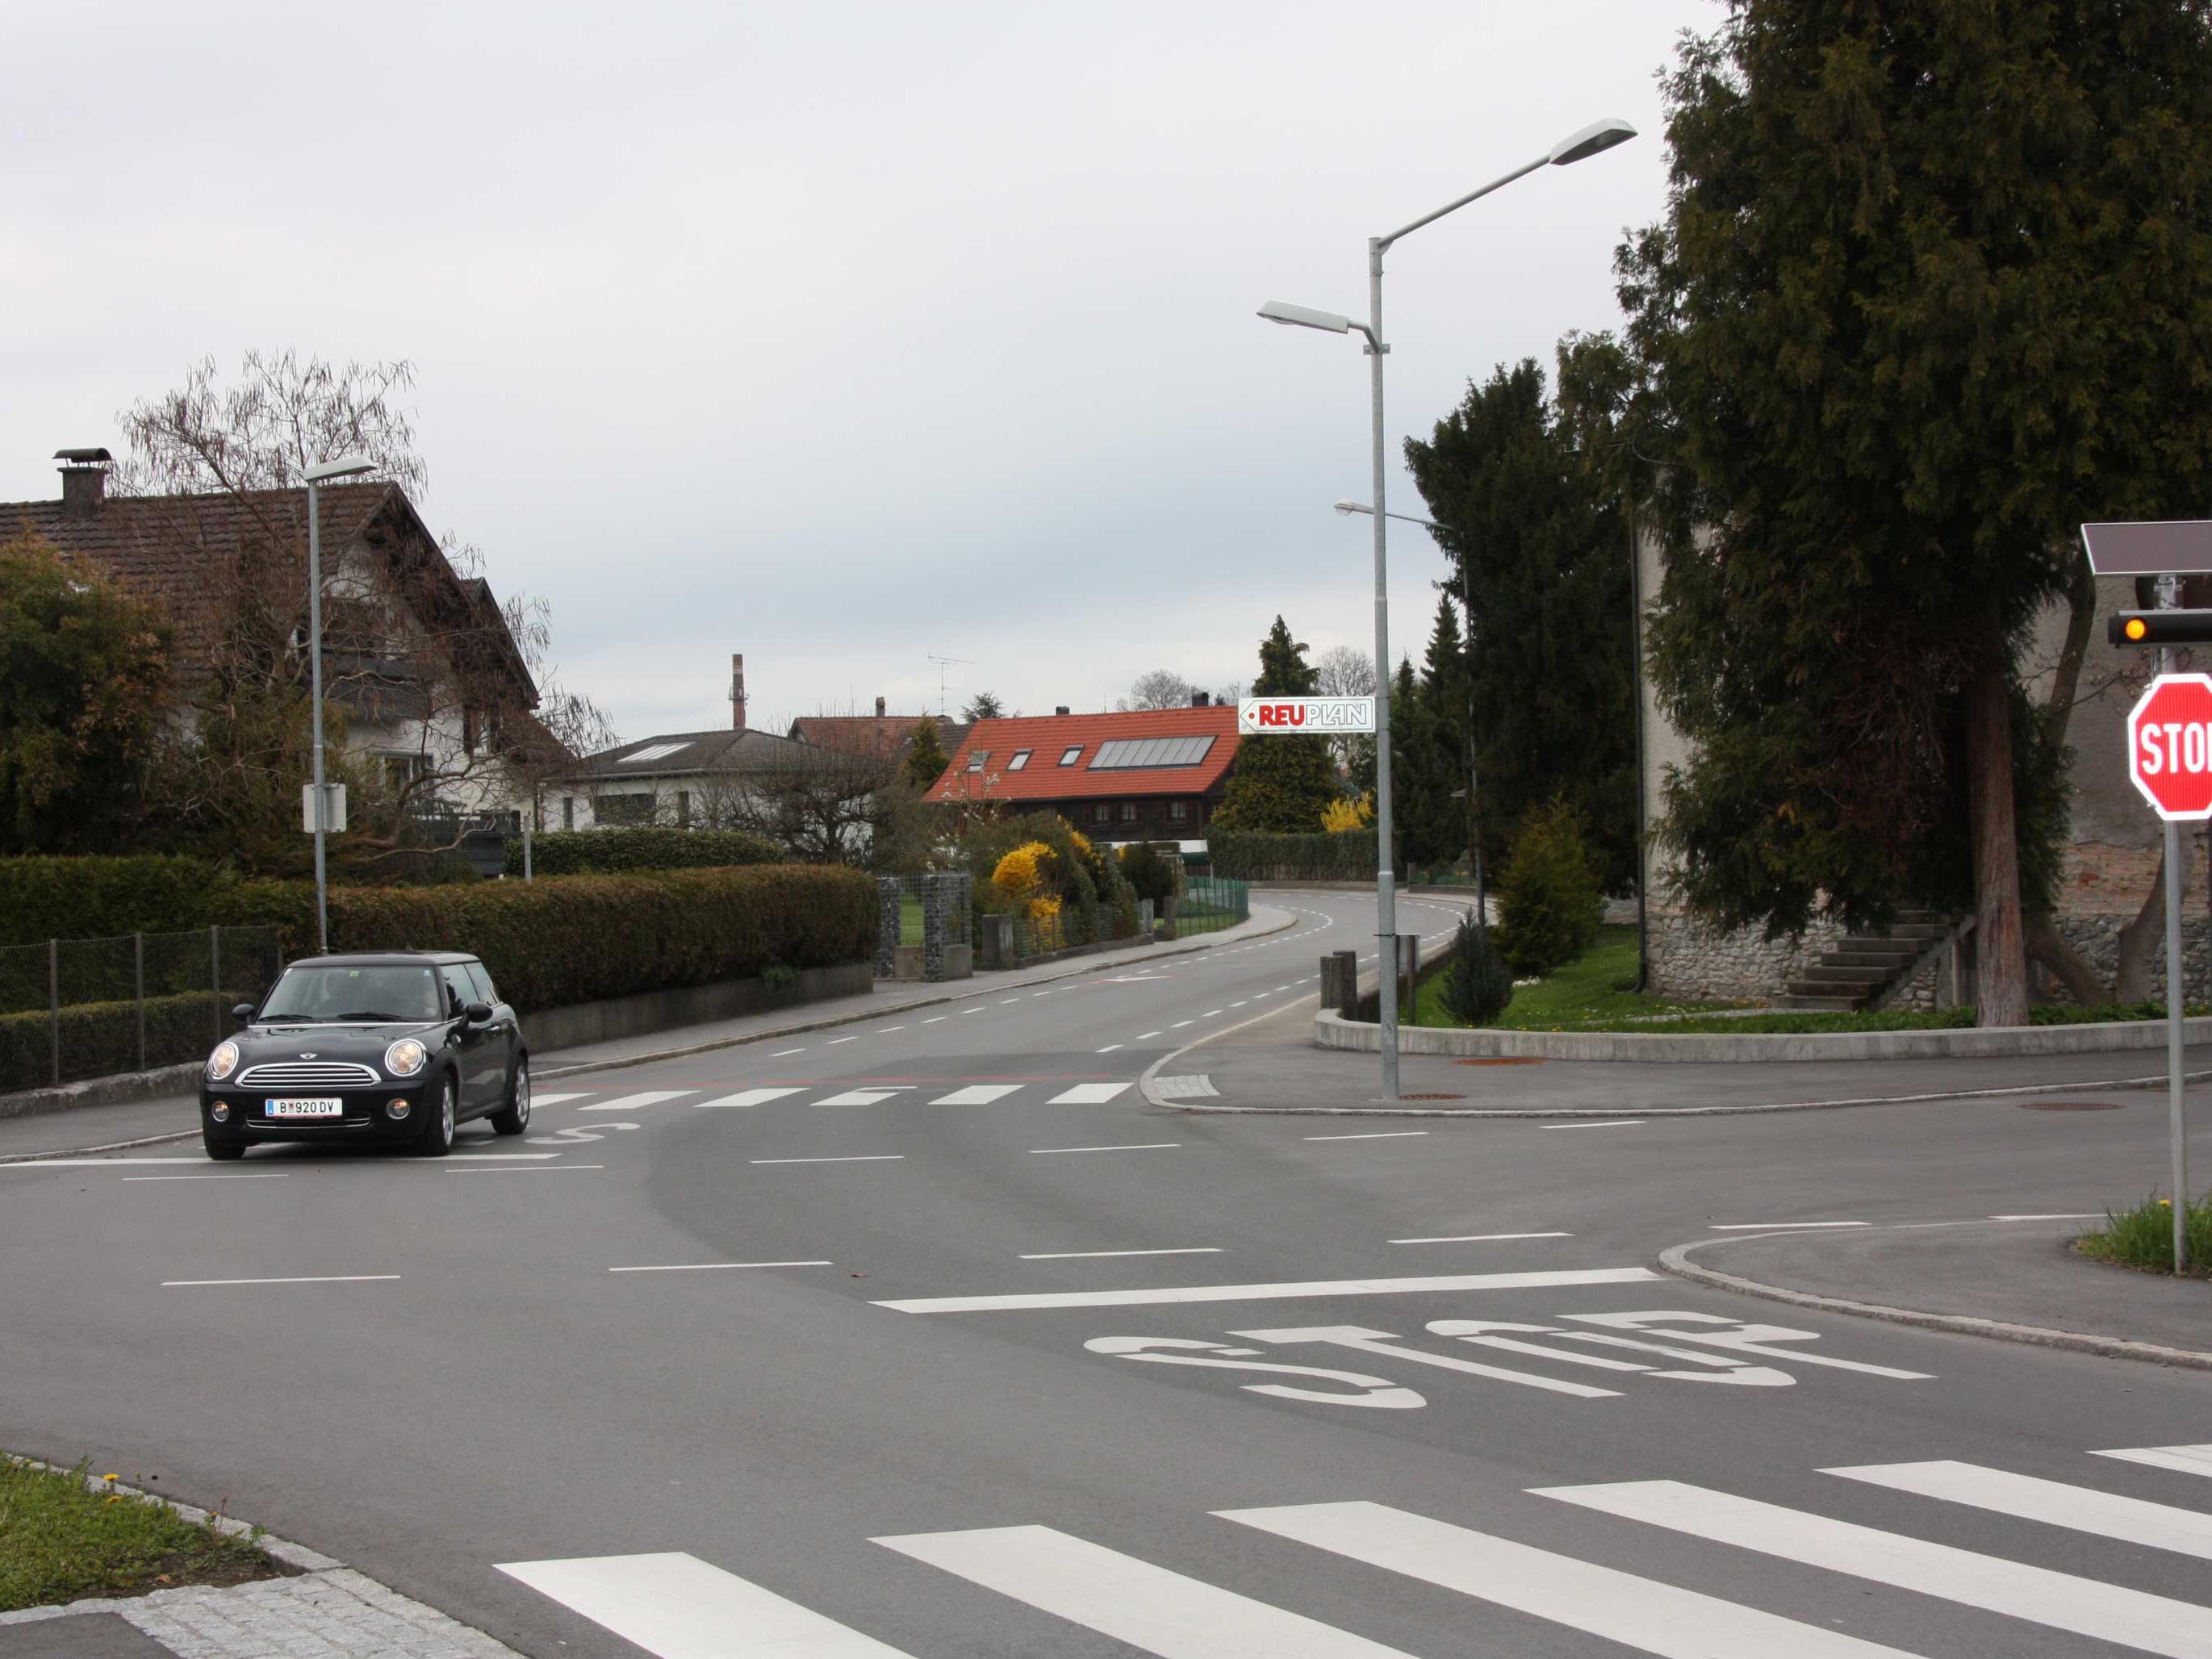 Für den neuen Fahrradweg nach Bregenz wurde auch bei Franks Limonadenfabrik in der Wallstraße die Vorrangregelung geändert.